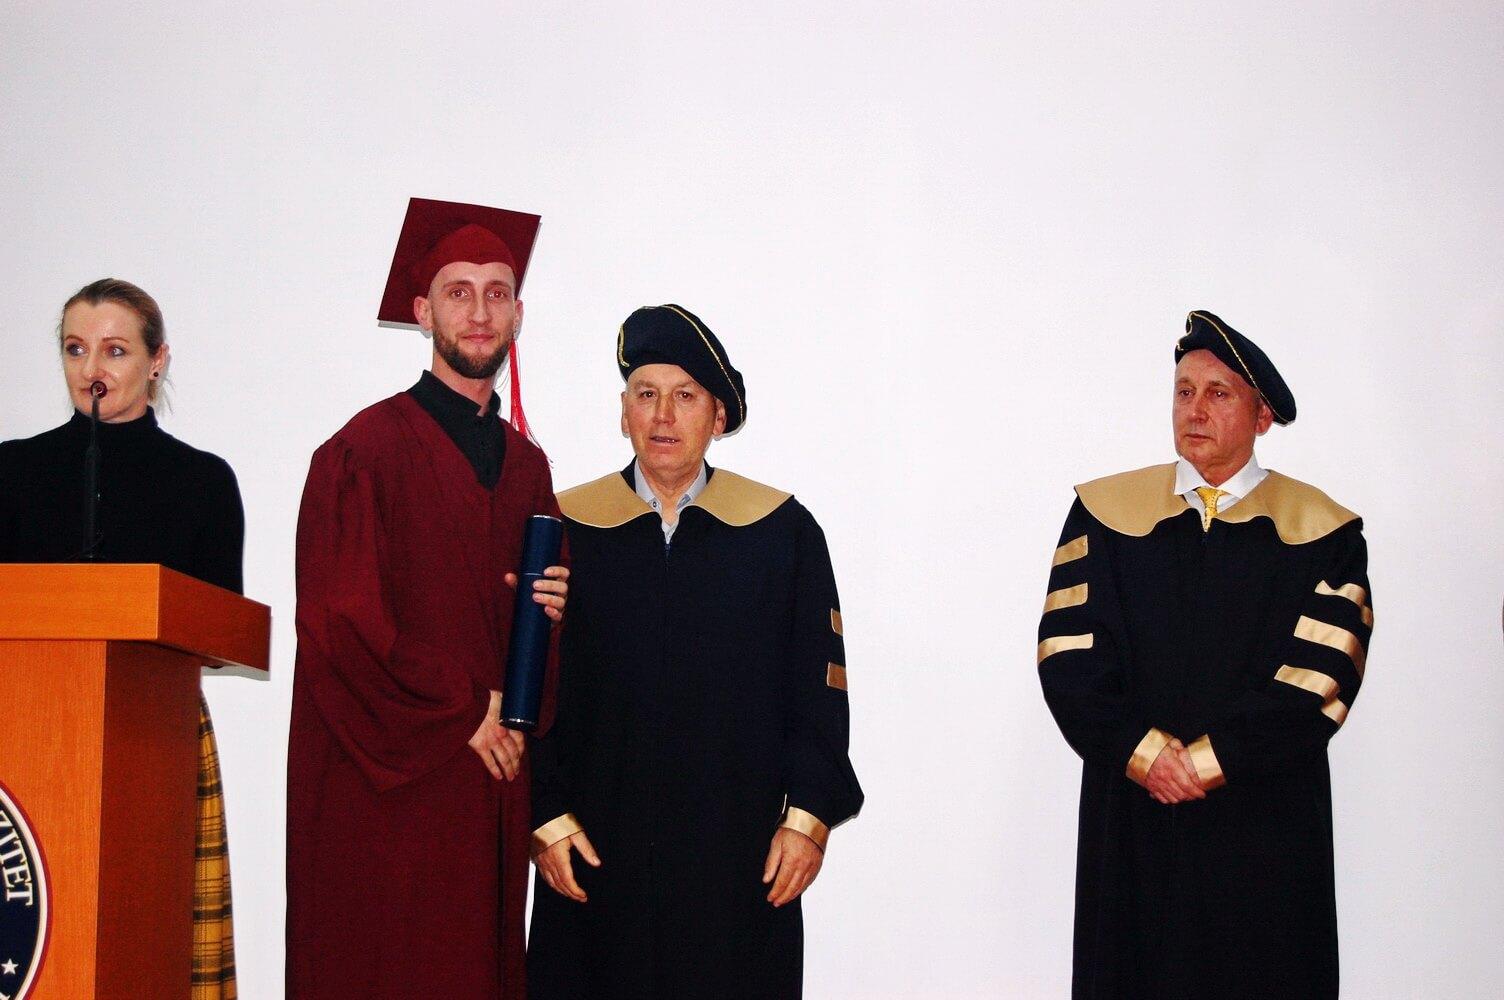 Dan Univerziteta 2020 95